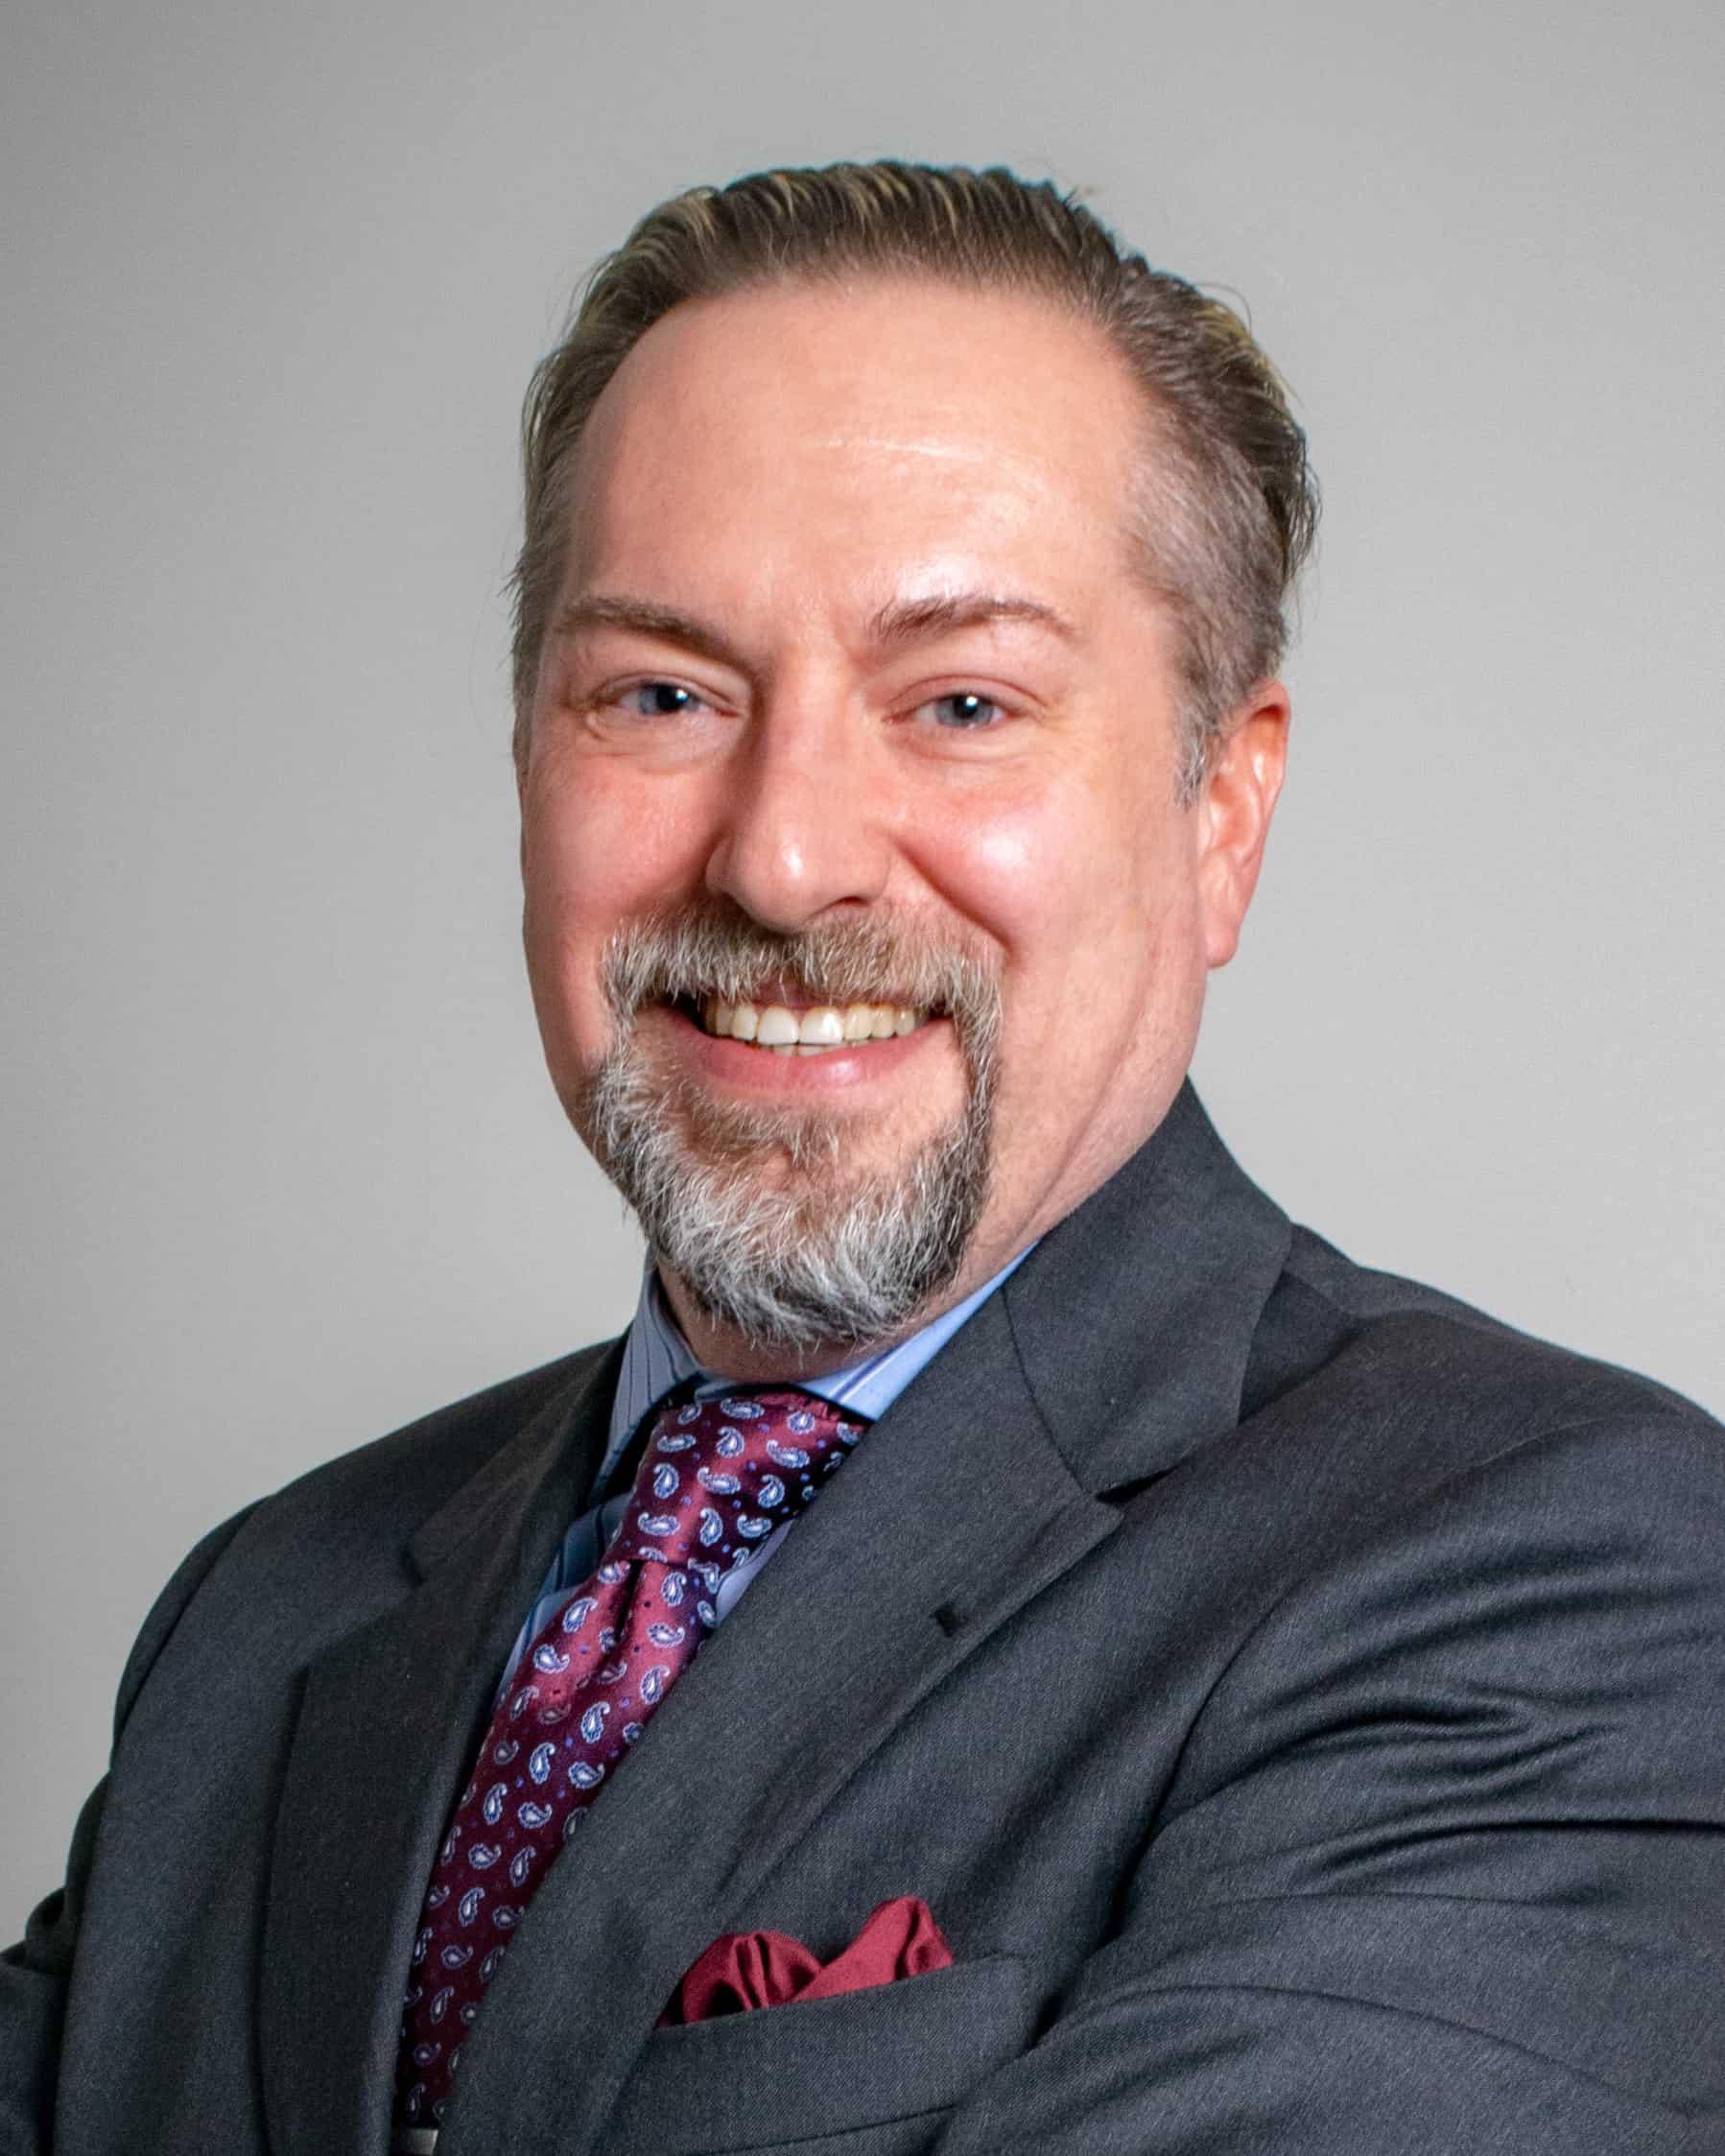 David J. Lumber